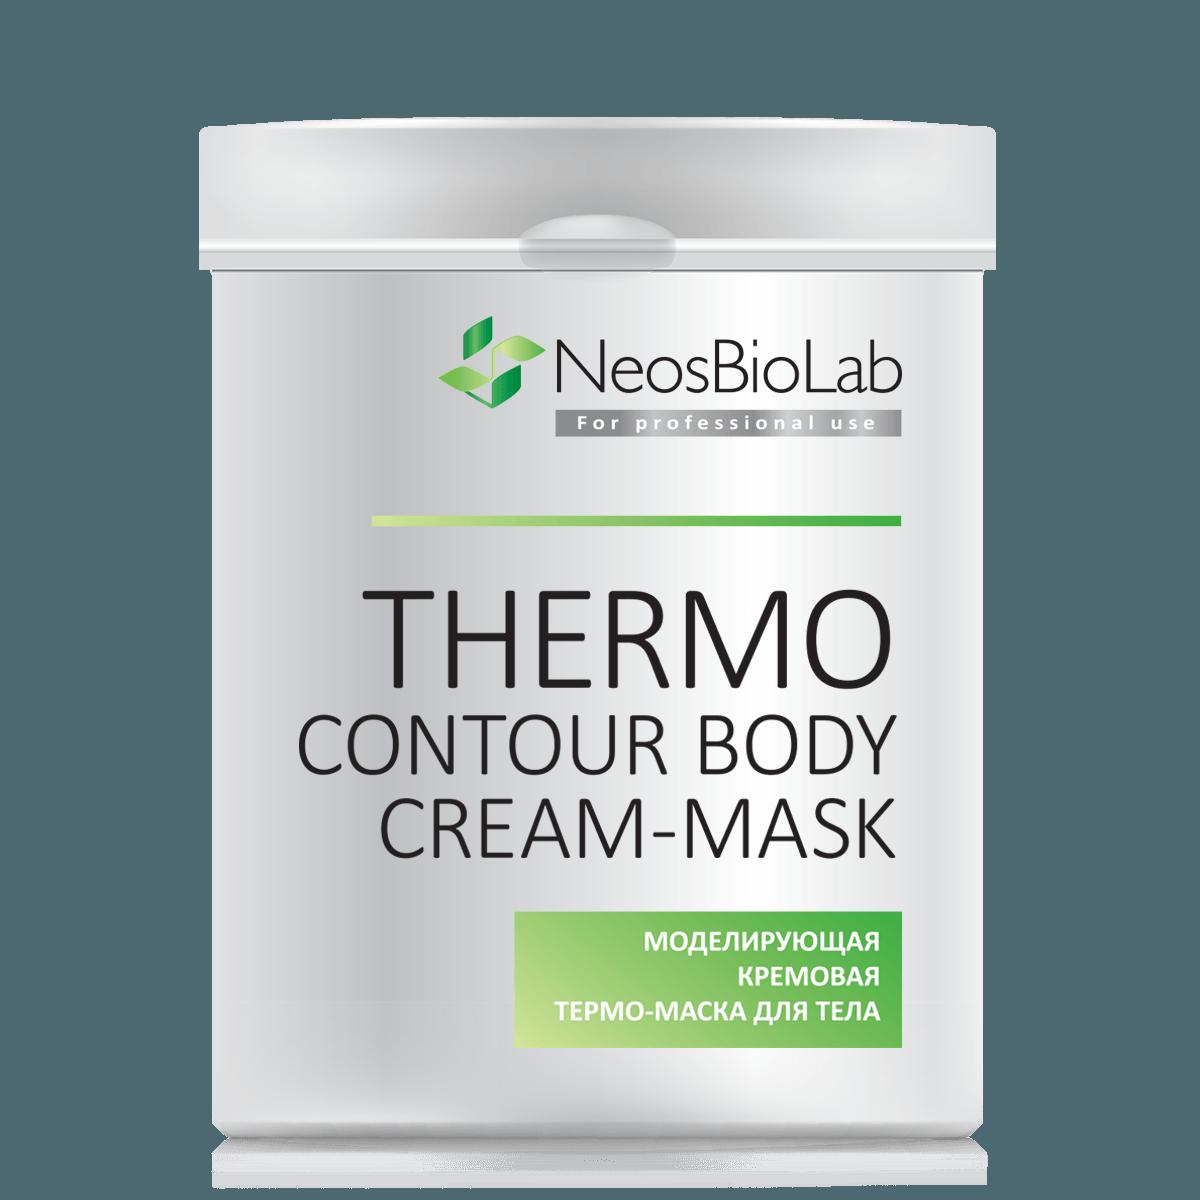 Моделирующая кремовая термо-маска для тела 250 мл